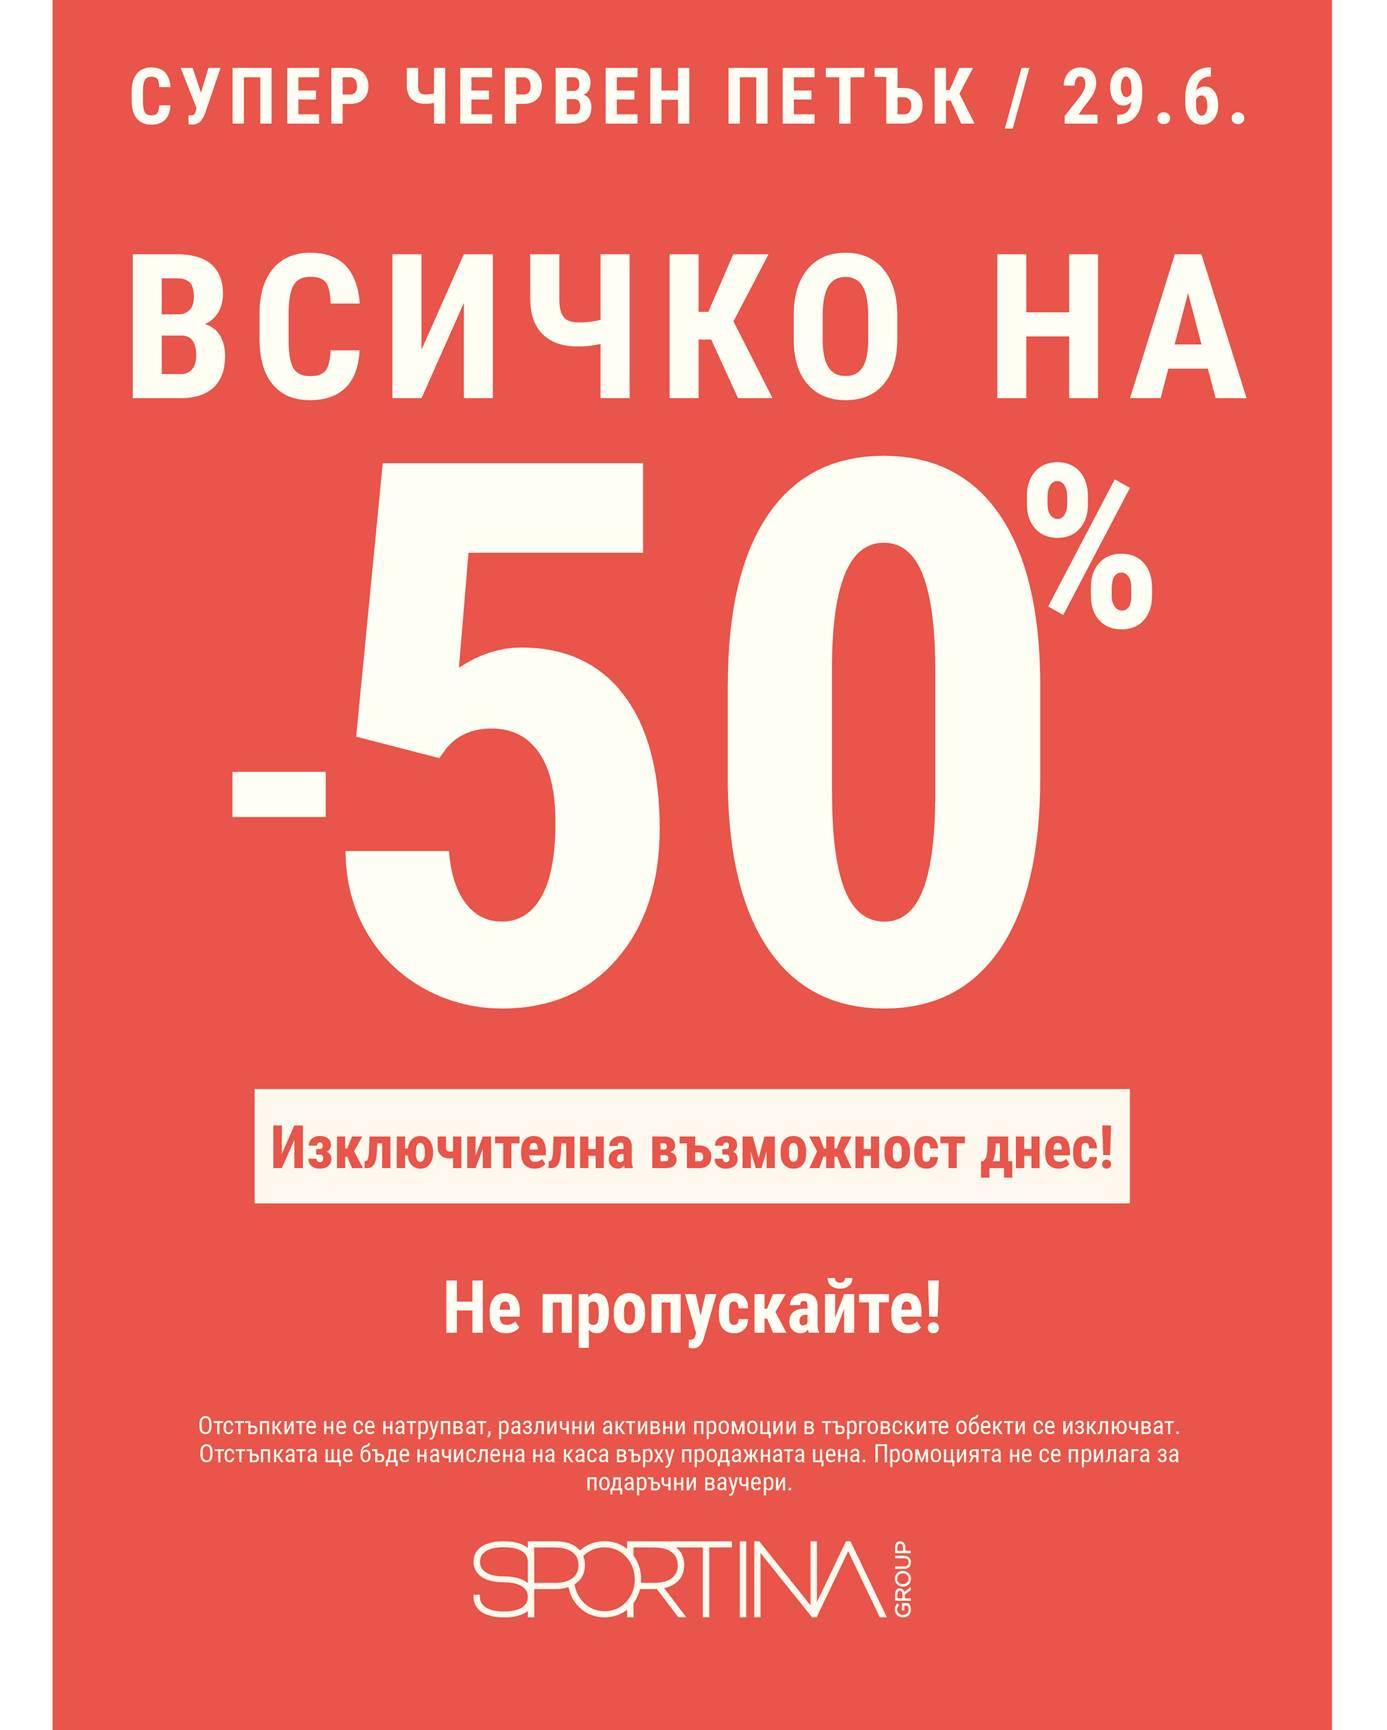 Намаленията в магазин SPORTINA започват!